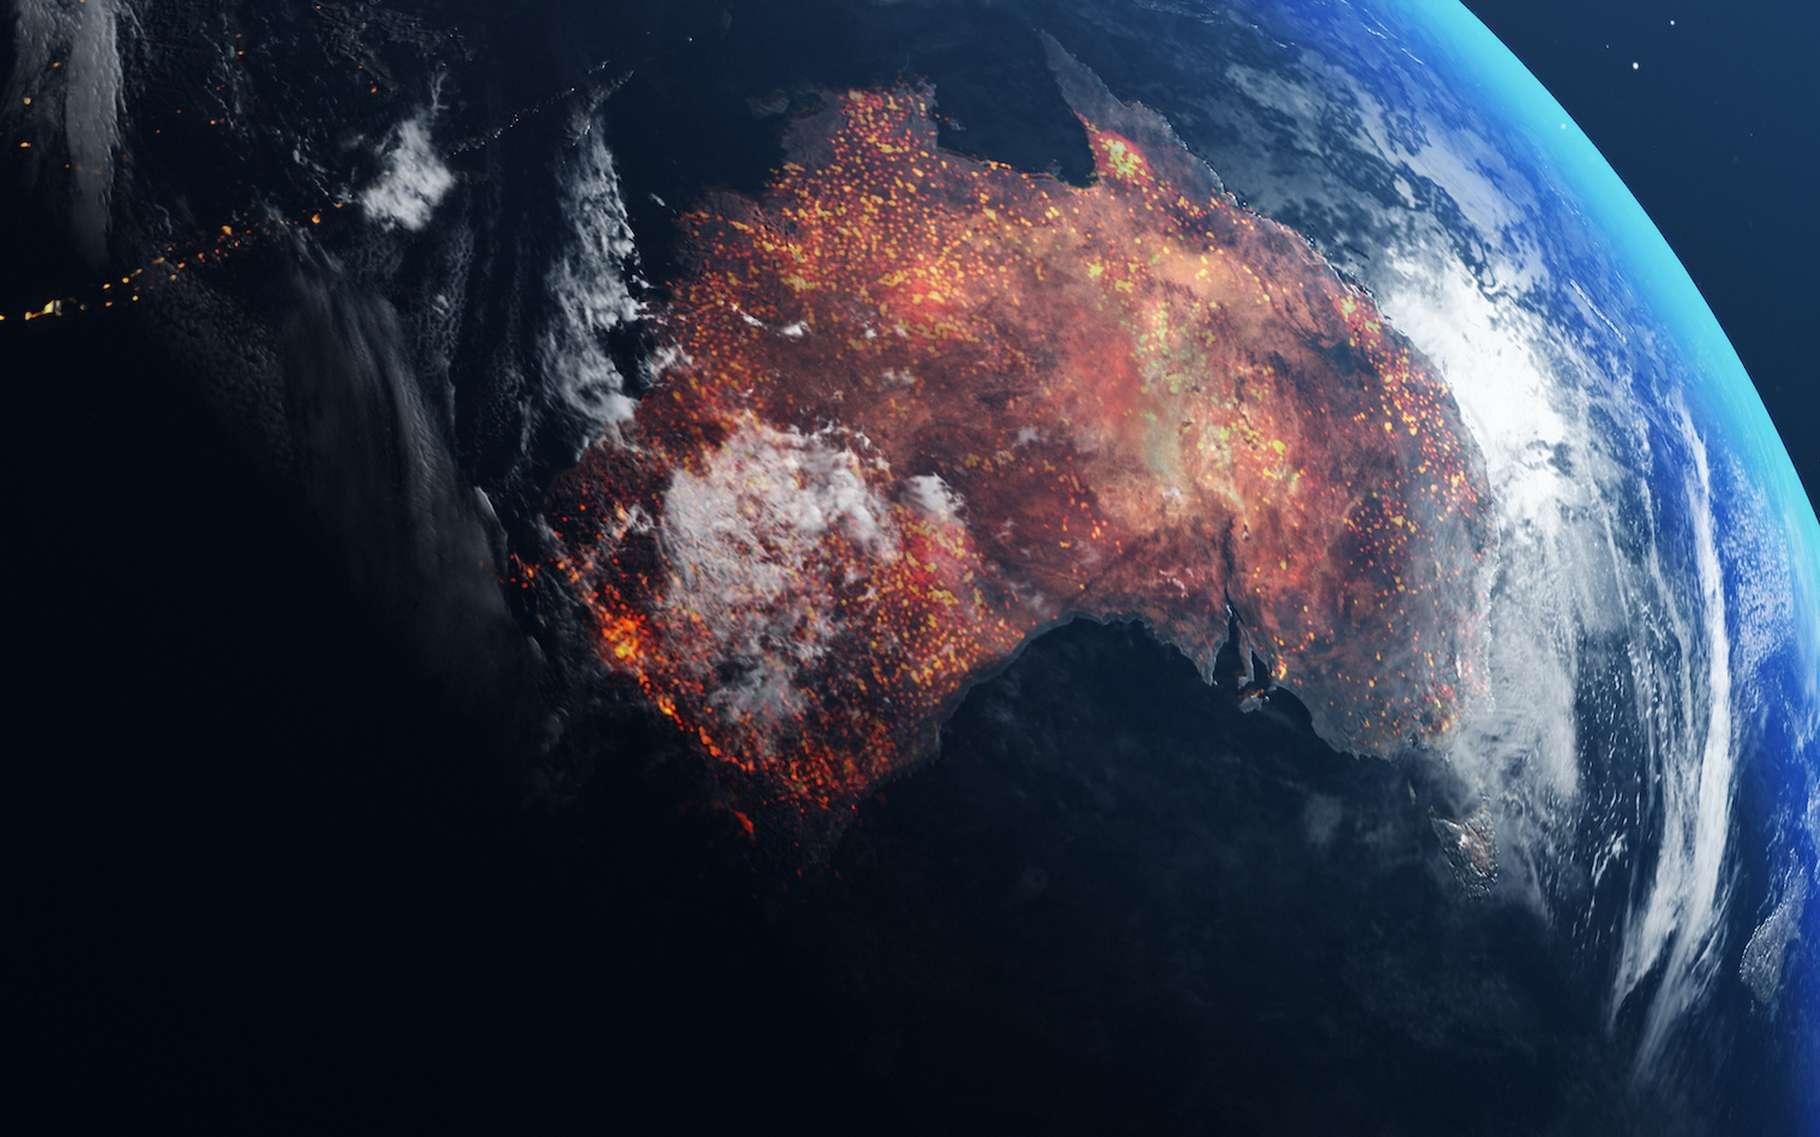 Des chercheurs de l'université de Harvard (États-Unis) nous apprennent aujourd'hui que les fumées émises par les incendies qui ont ravagé l'Australie il y a quelques mois ont atteint des altitudes records. © artegorov3@gmail.com, Adobe Stock